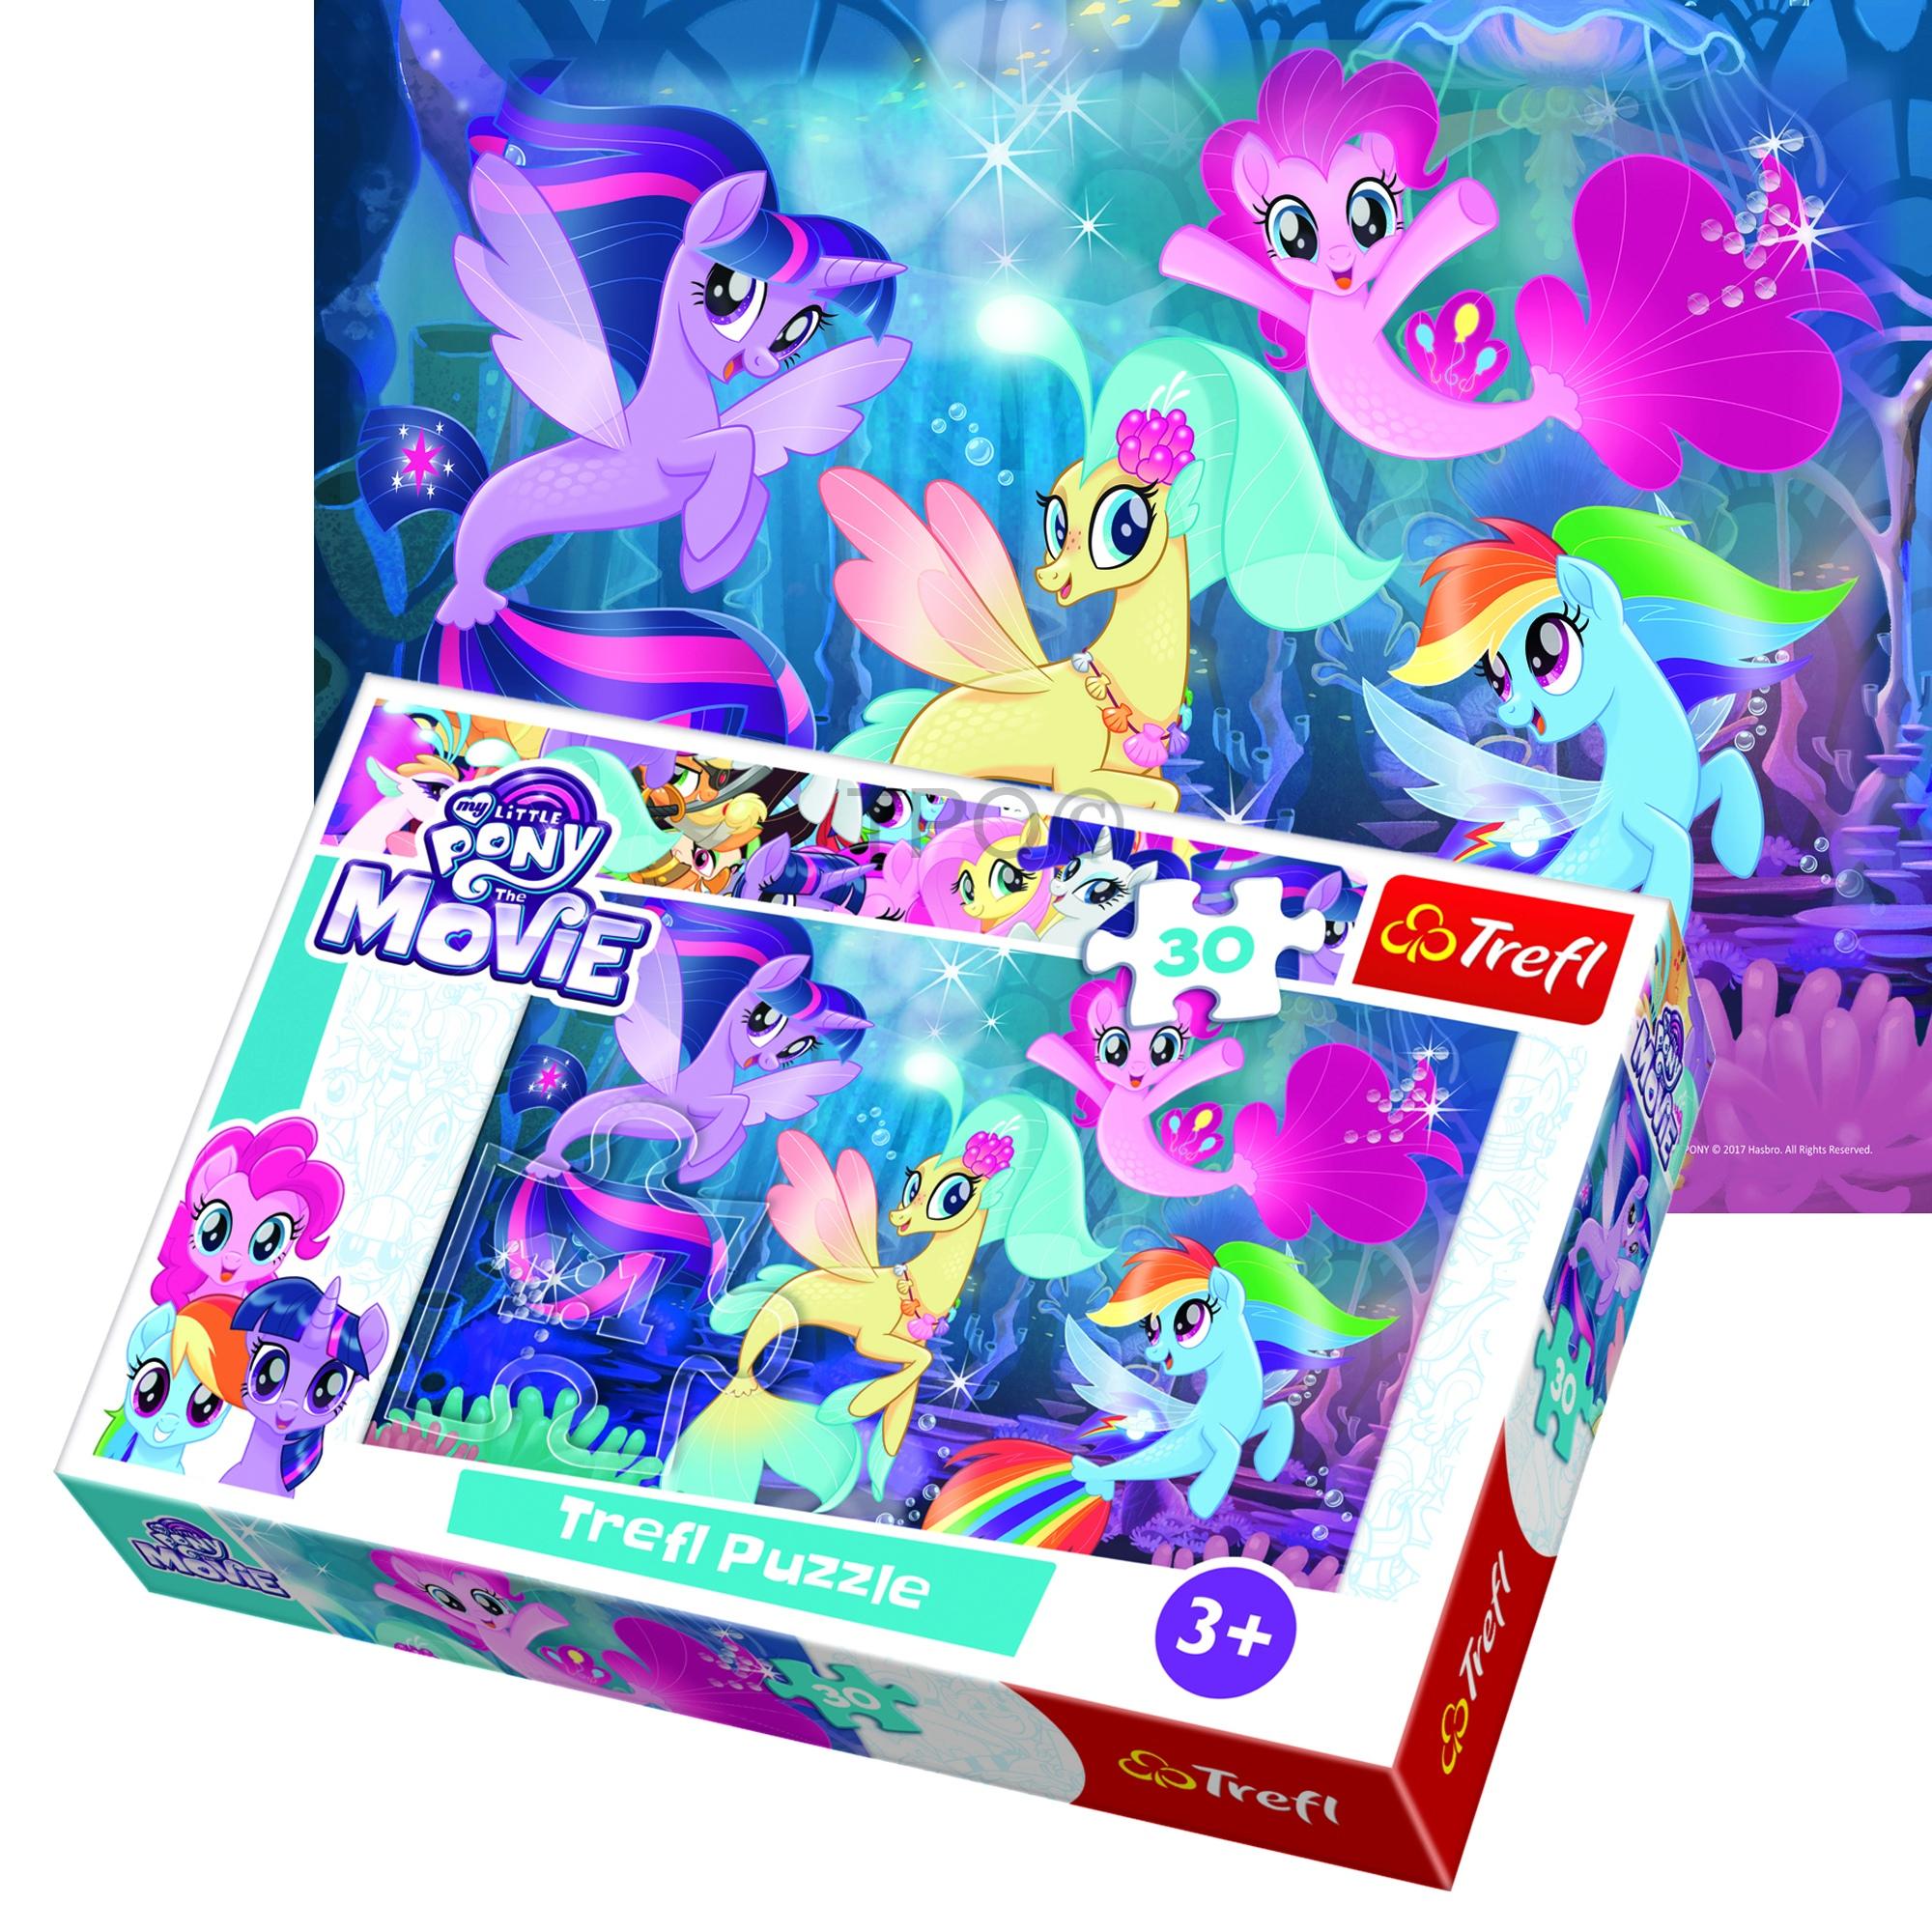 d176481f02 ... Größe des zusammengebauten Puzzle (mm): 270 x 200. Artikelbeschreibung.  Puzzle von 30 Stück von My Little Pony.